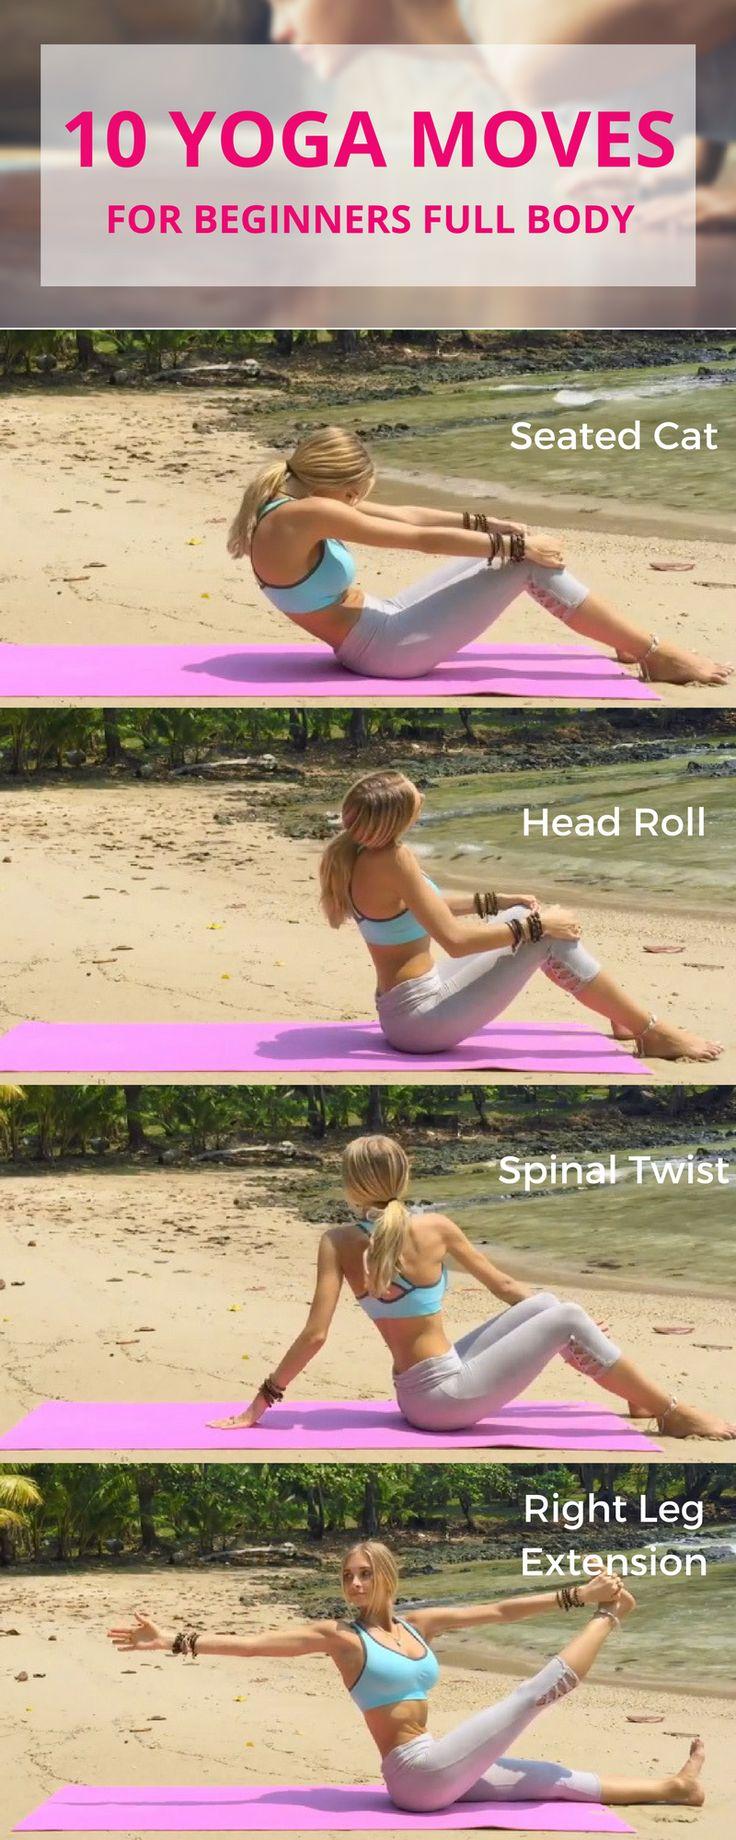 10 Yoga Moves for the Beginners Full Body